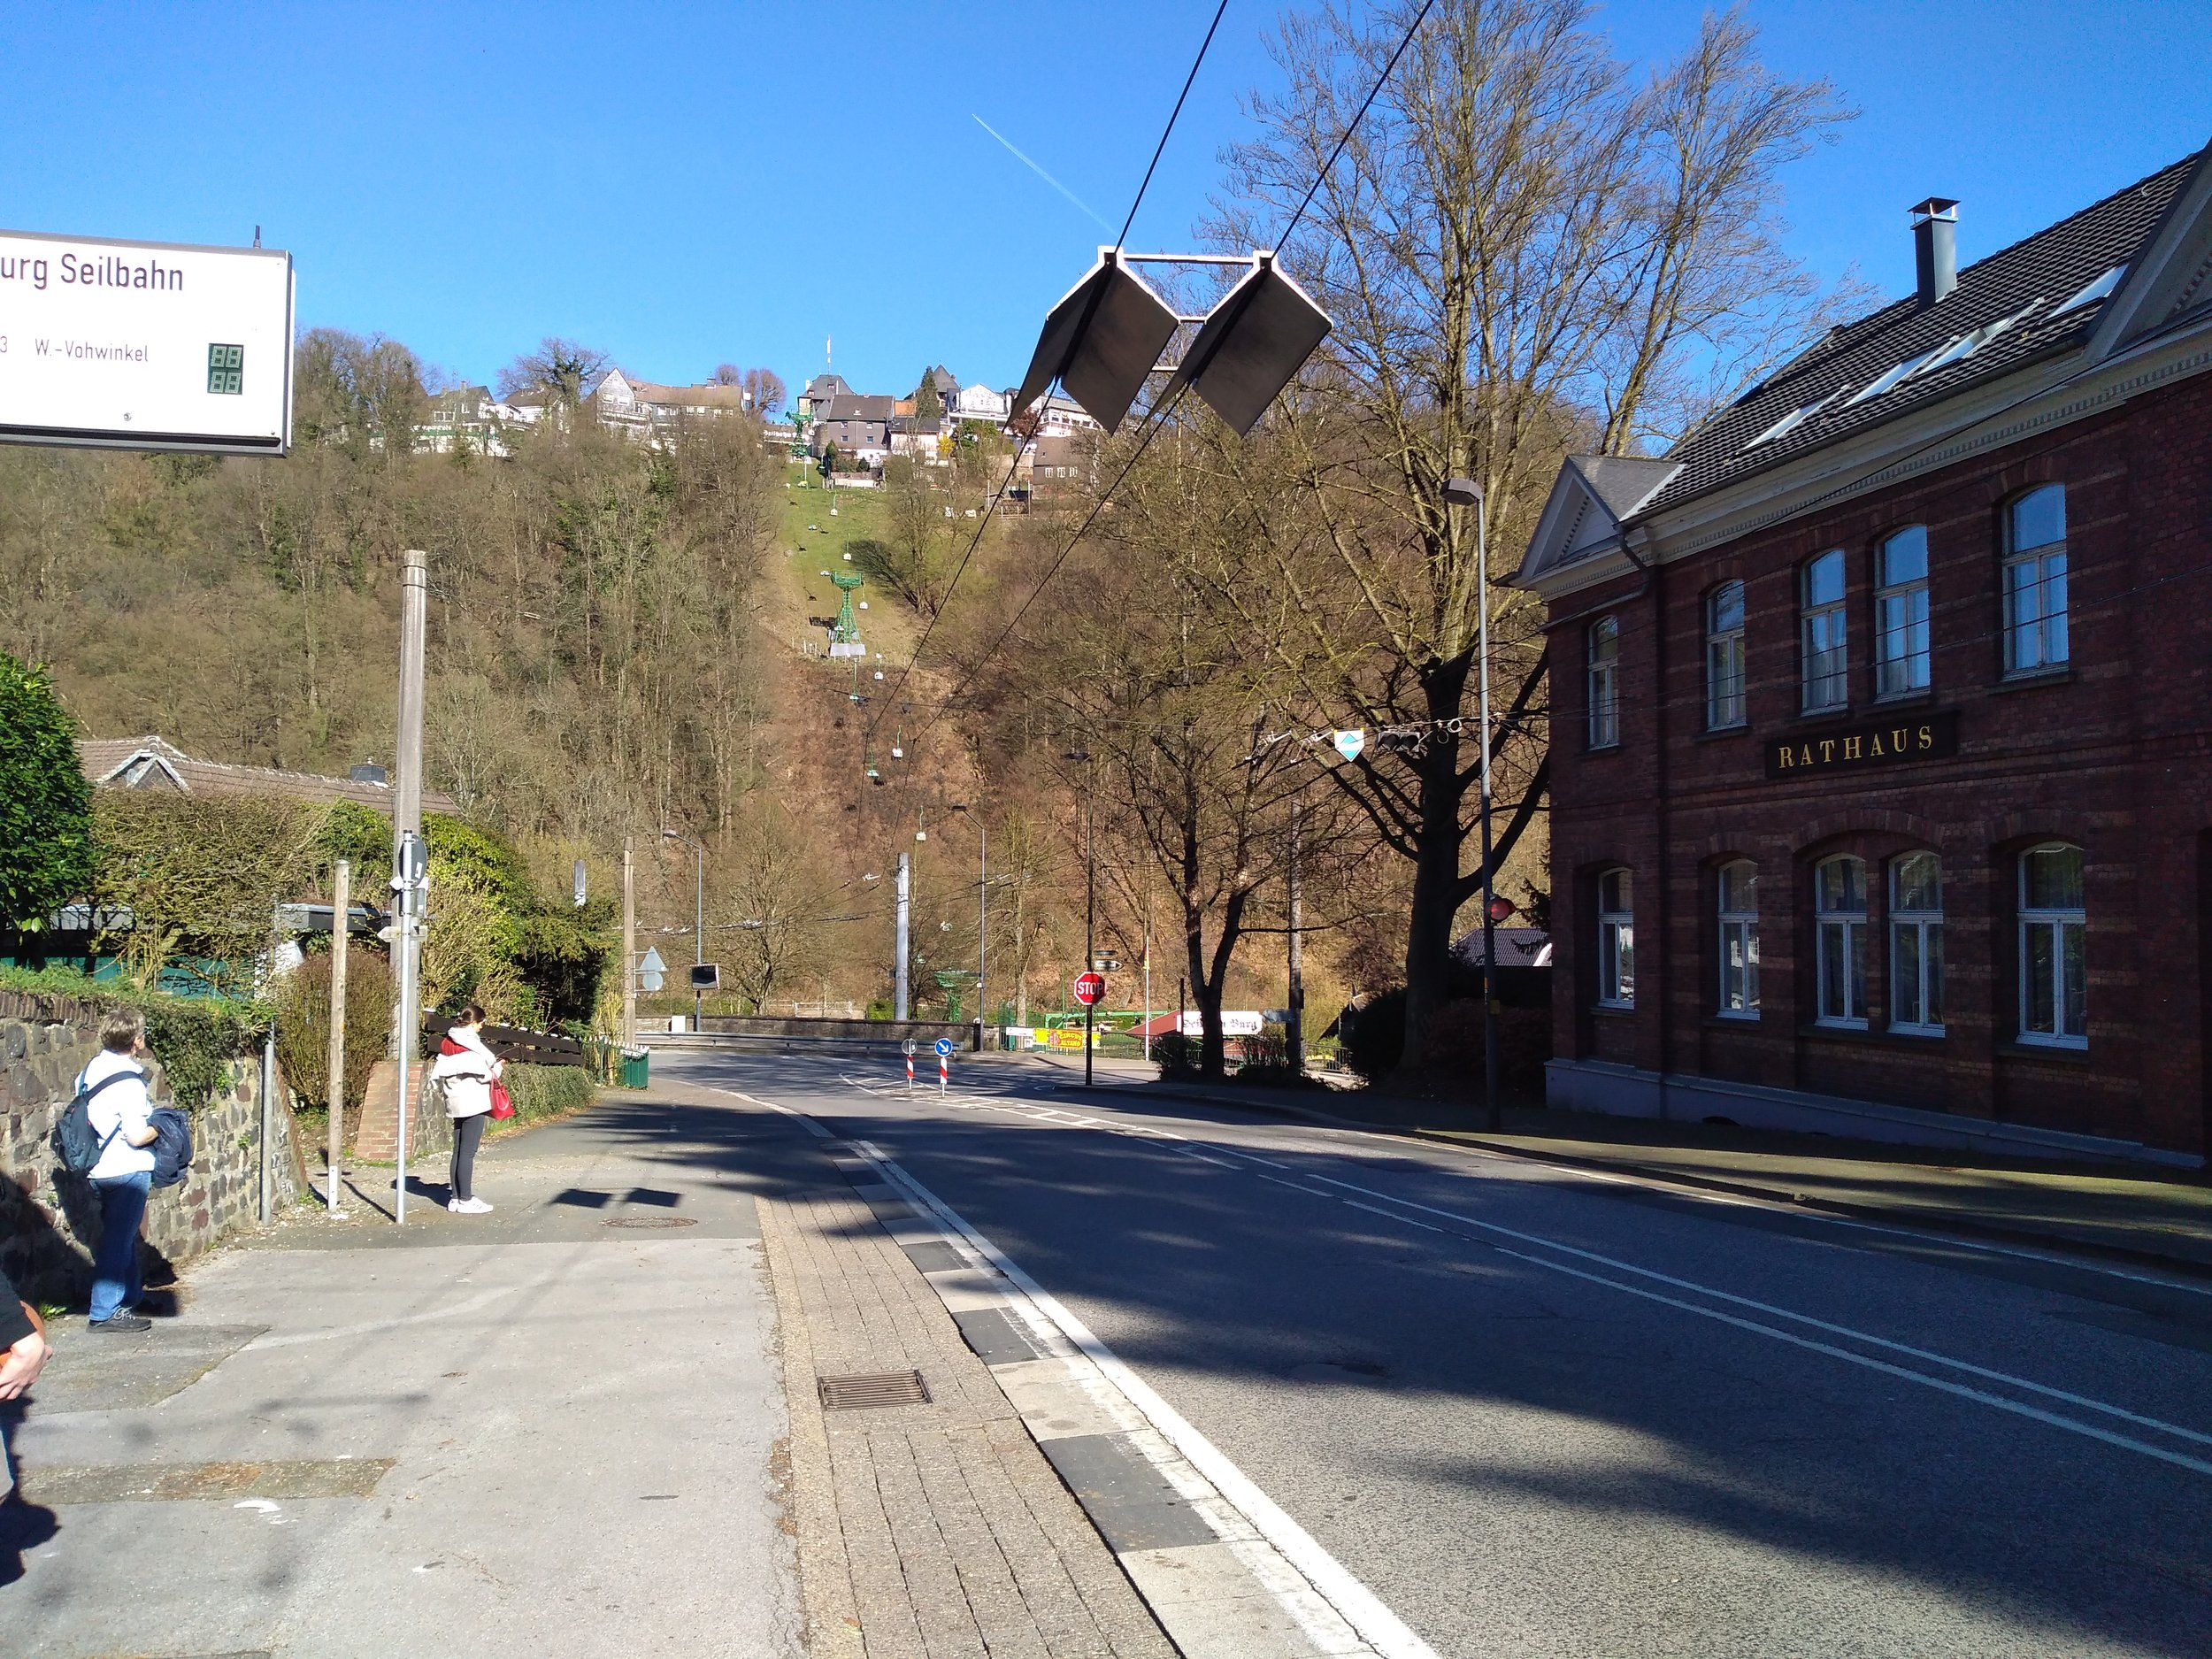 Trolejbusy se musí při návratu do Solingenu natrolejovat, k čemuž jim slouží v zastávce Burg Seilbahn tyto stříšky.